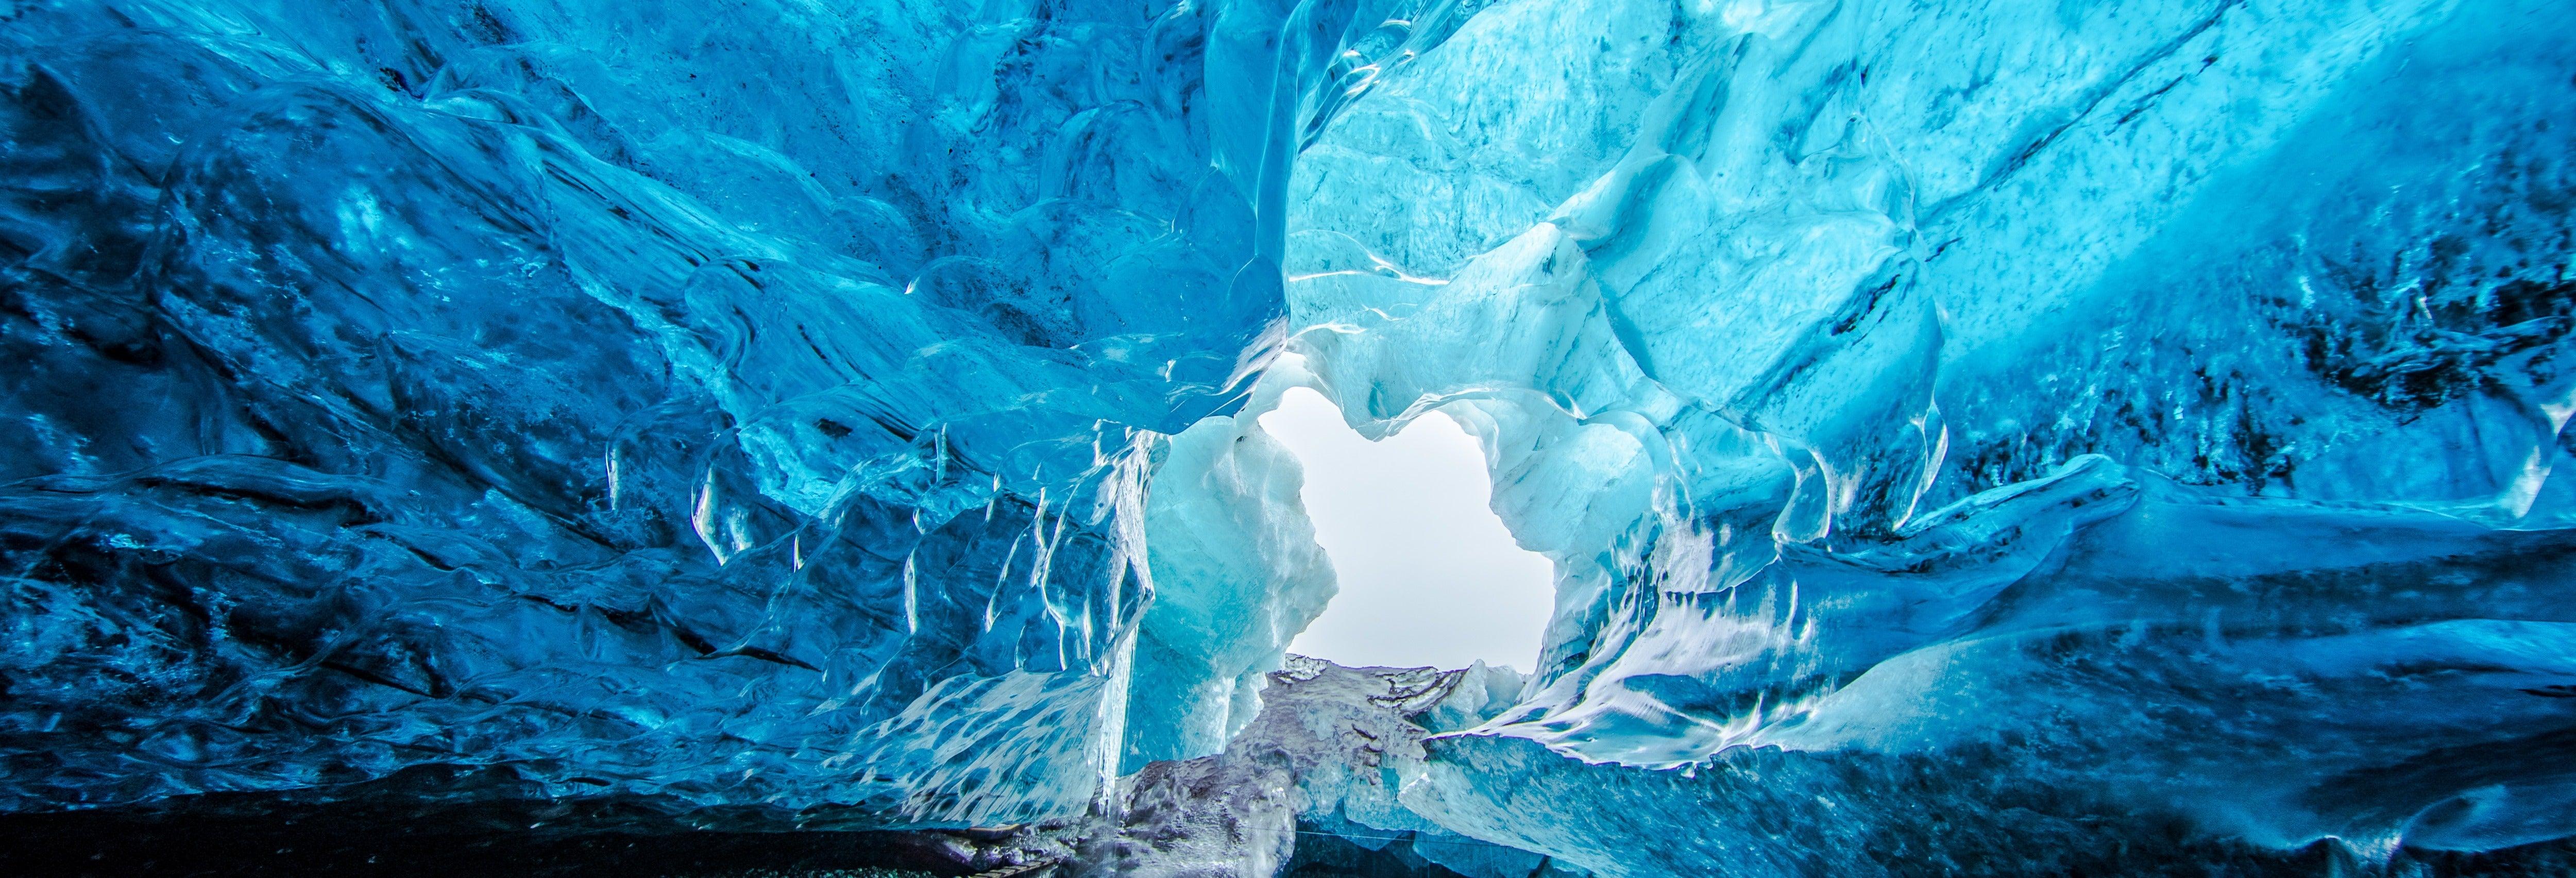 Tour por la cueva de hielo del glaciar Vatnajökull